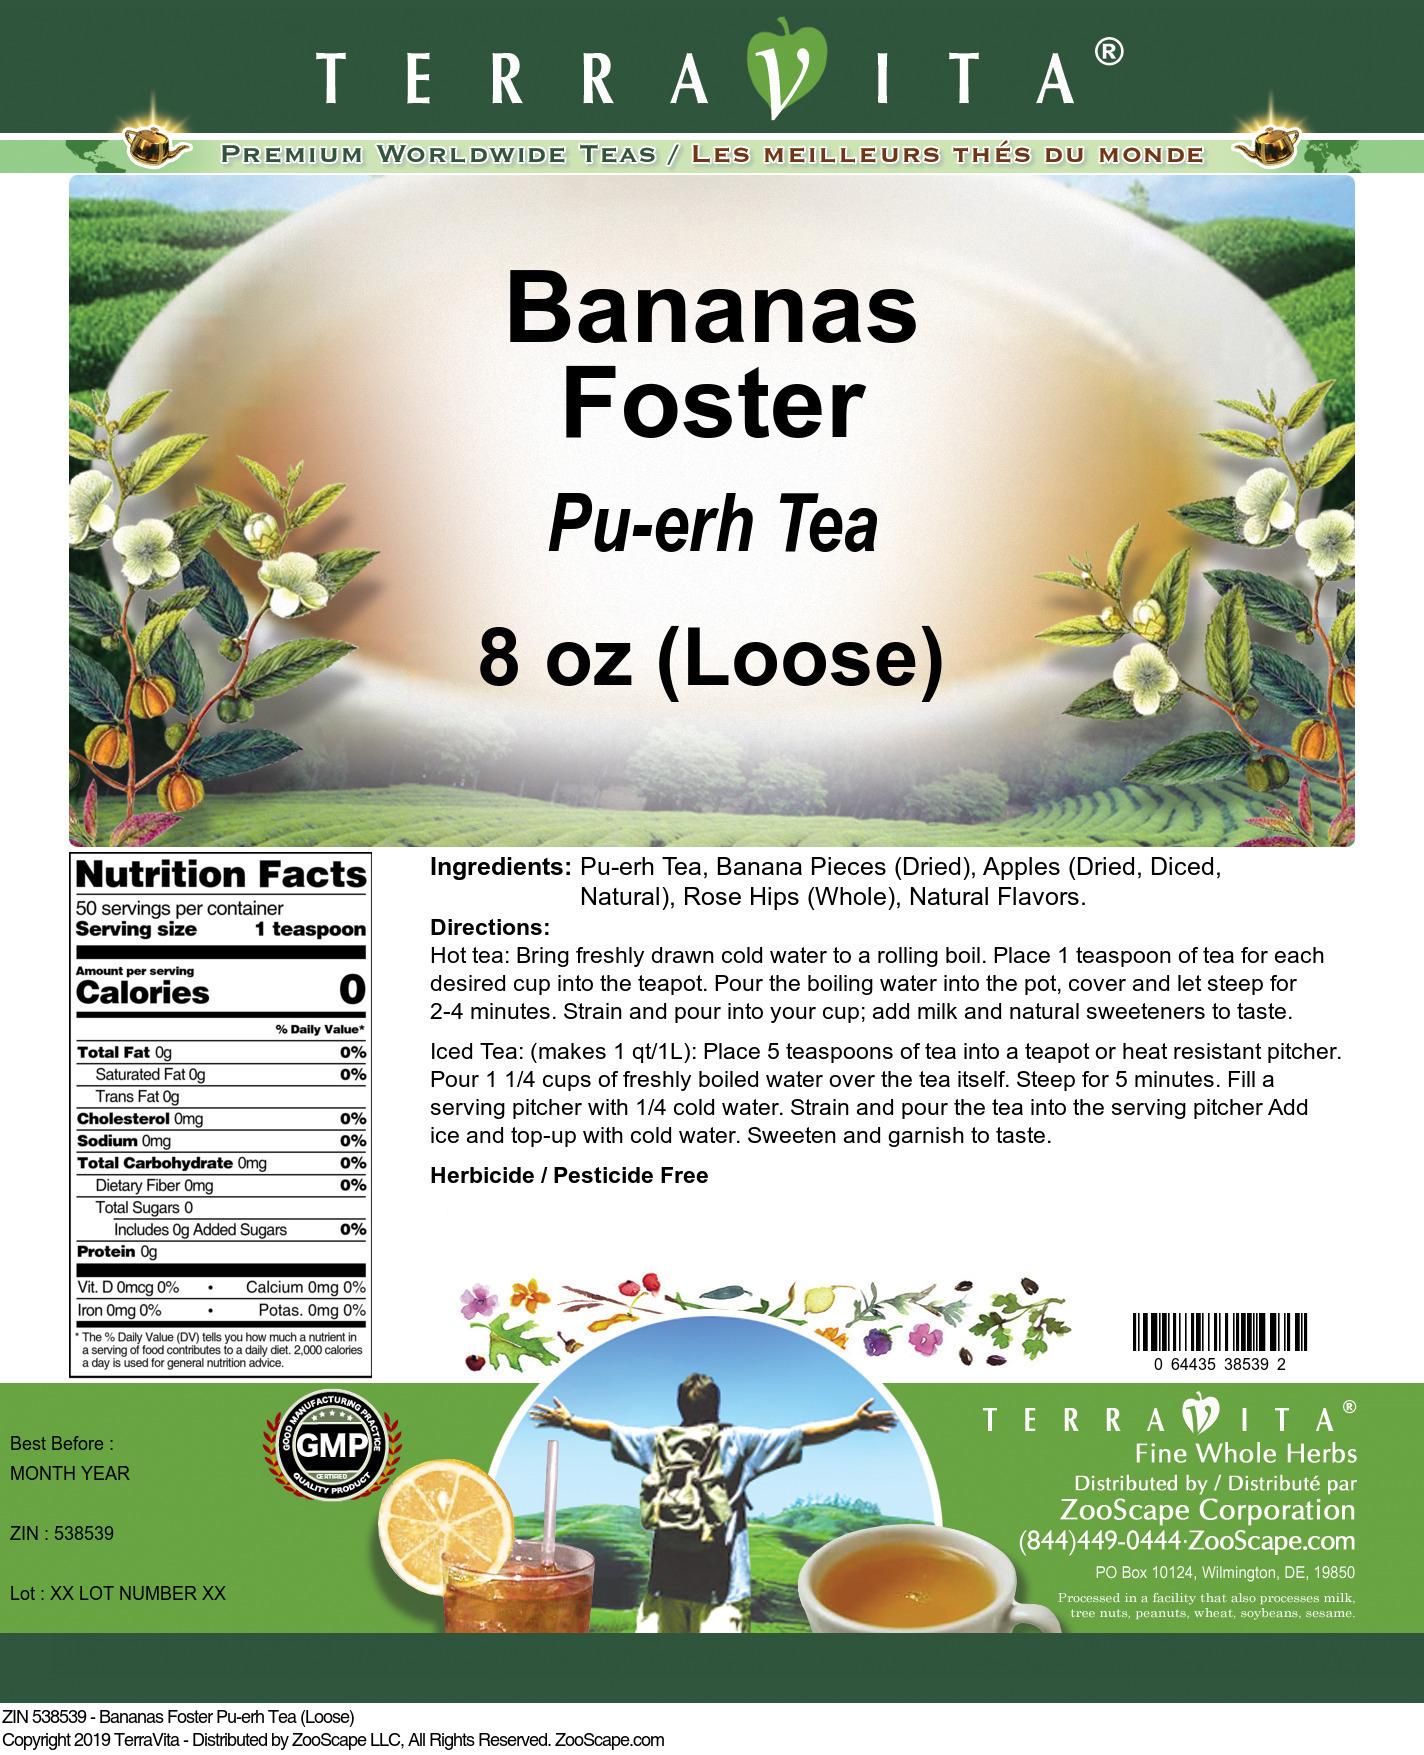 Banana Foster Pu-erh Tea